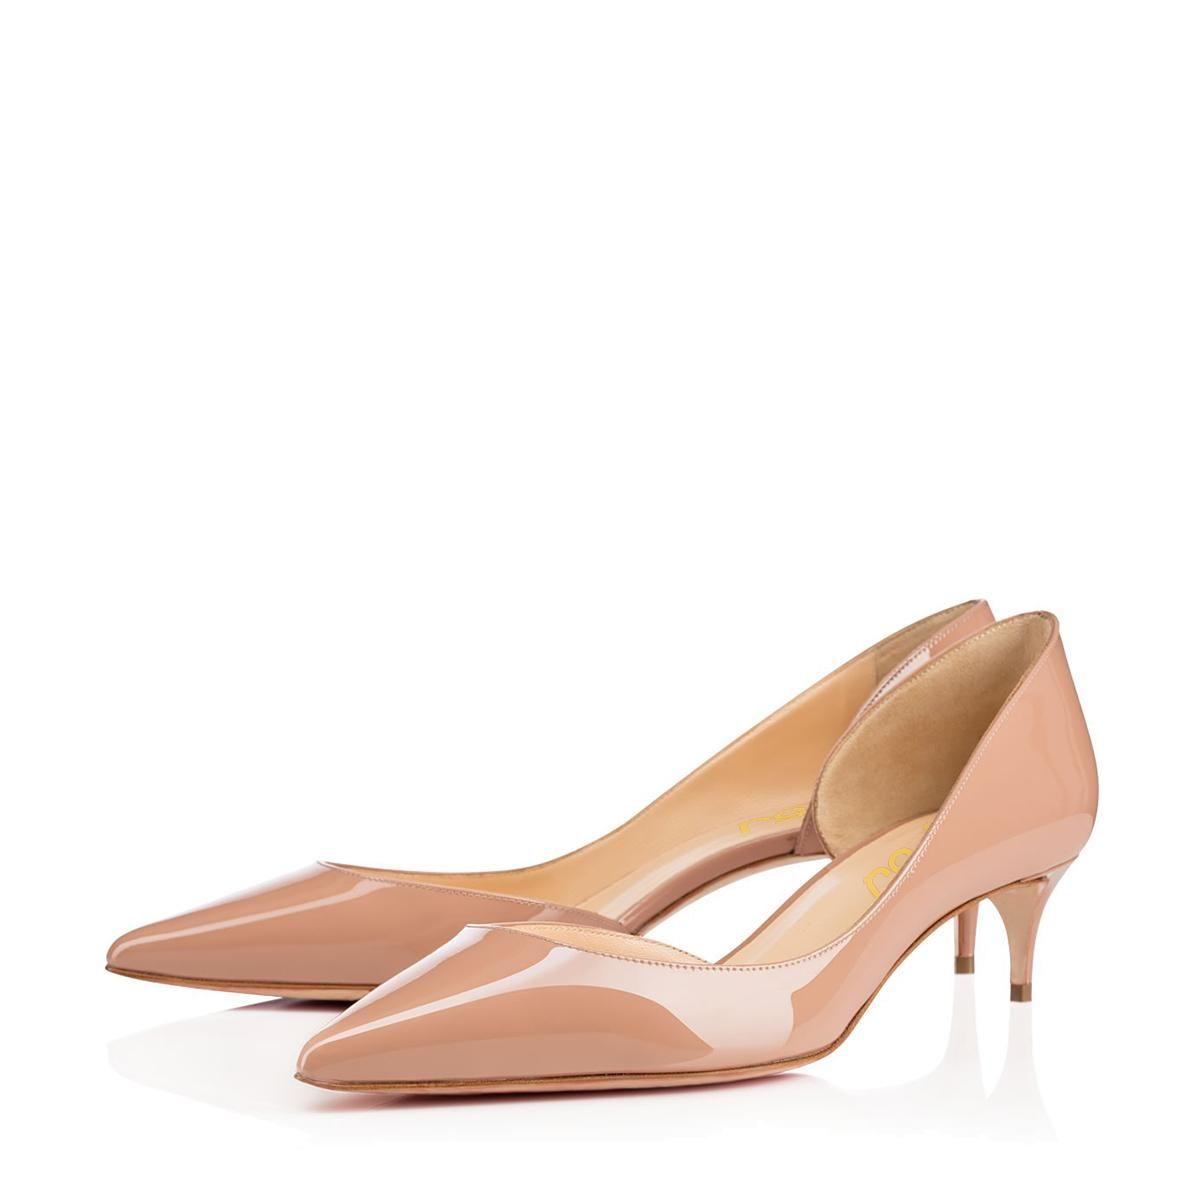 f3c6ffbc292 Shop FSJ Shoes Nude Kitten Heels Dress Shoes Pointy Toe Patent ...